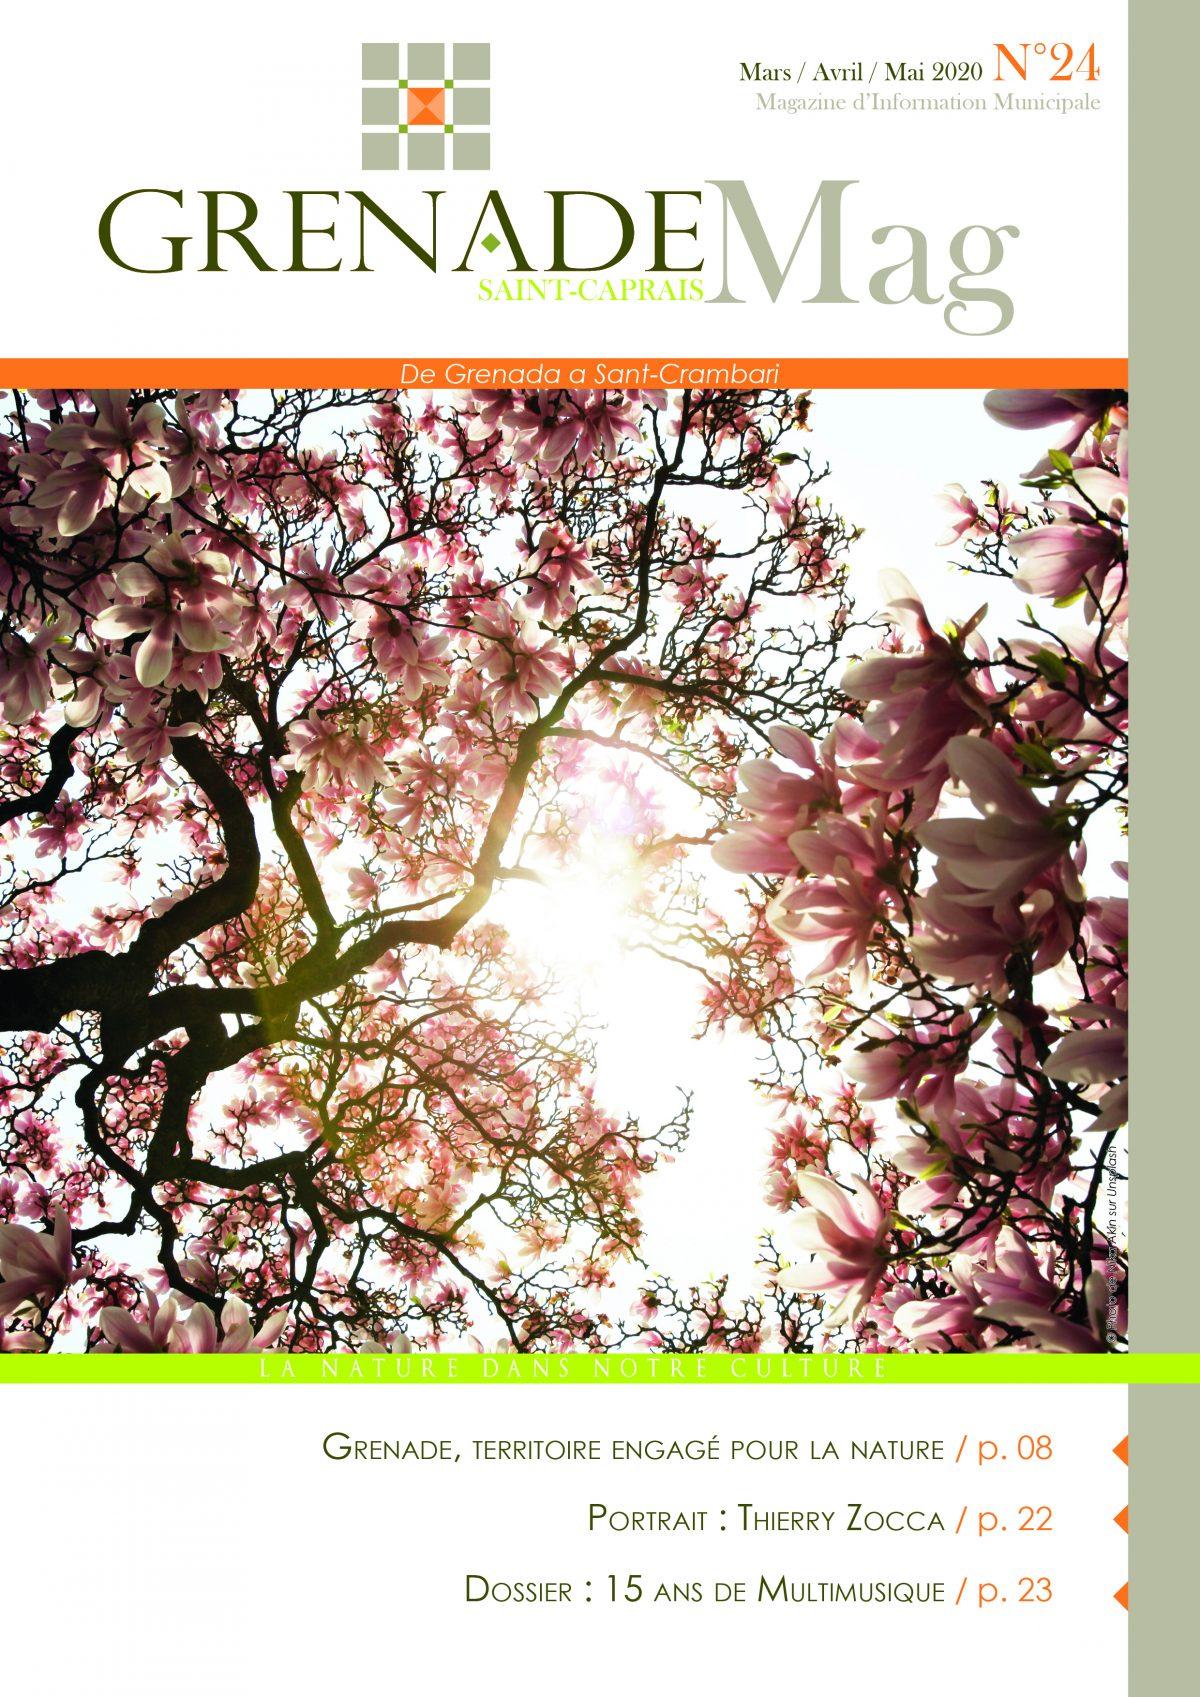 Bulletin municipal Mars / Avril / Mai 2020